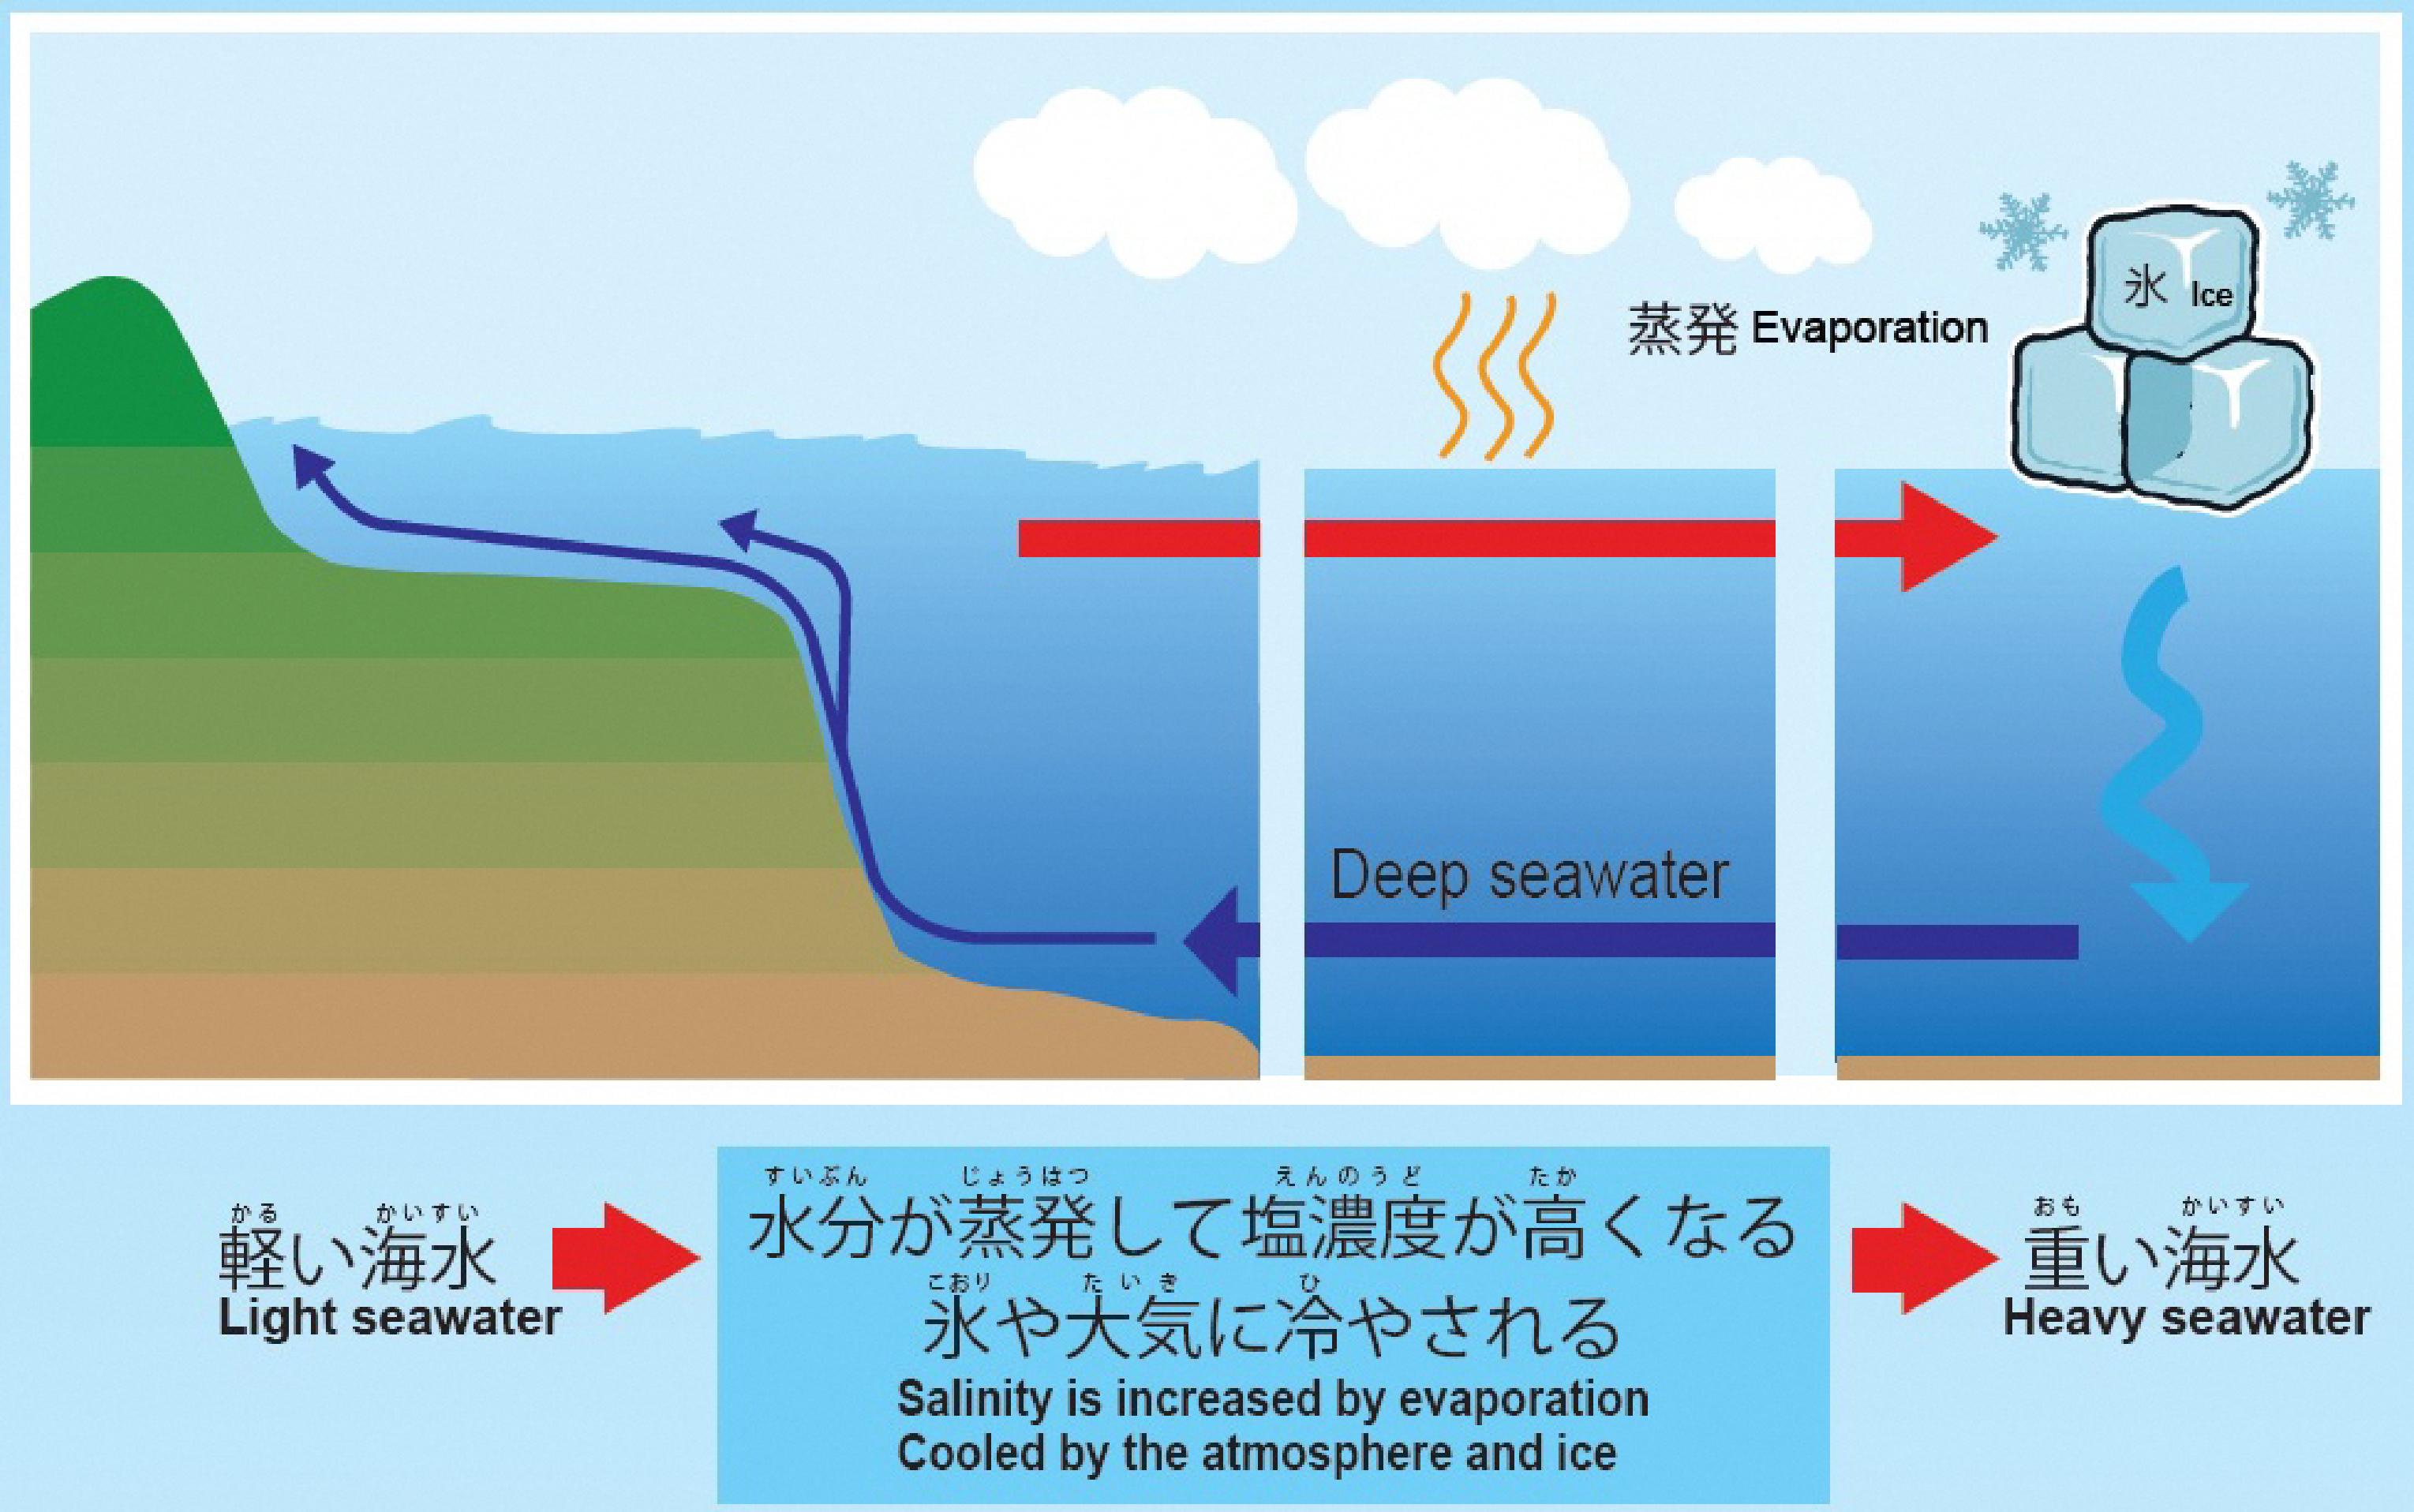 水 海洋 と は 深層